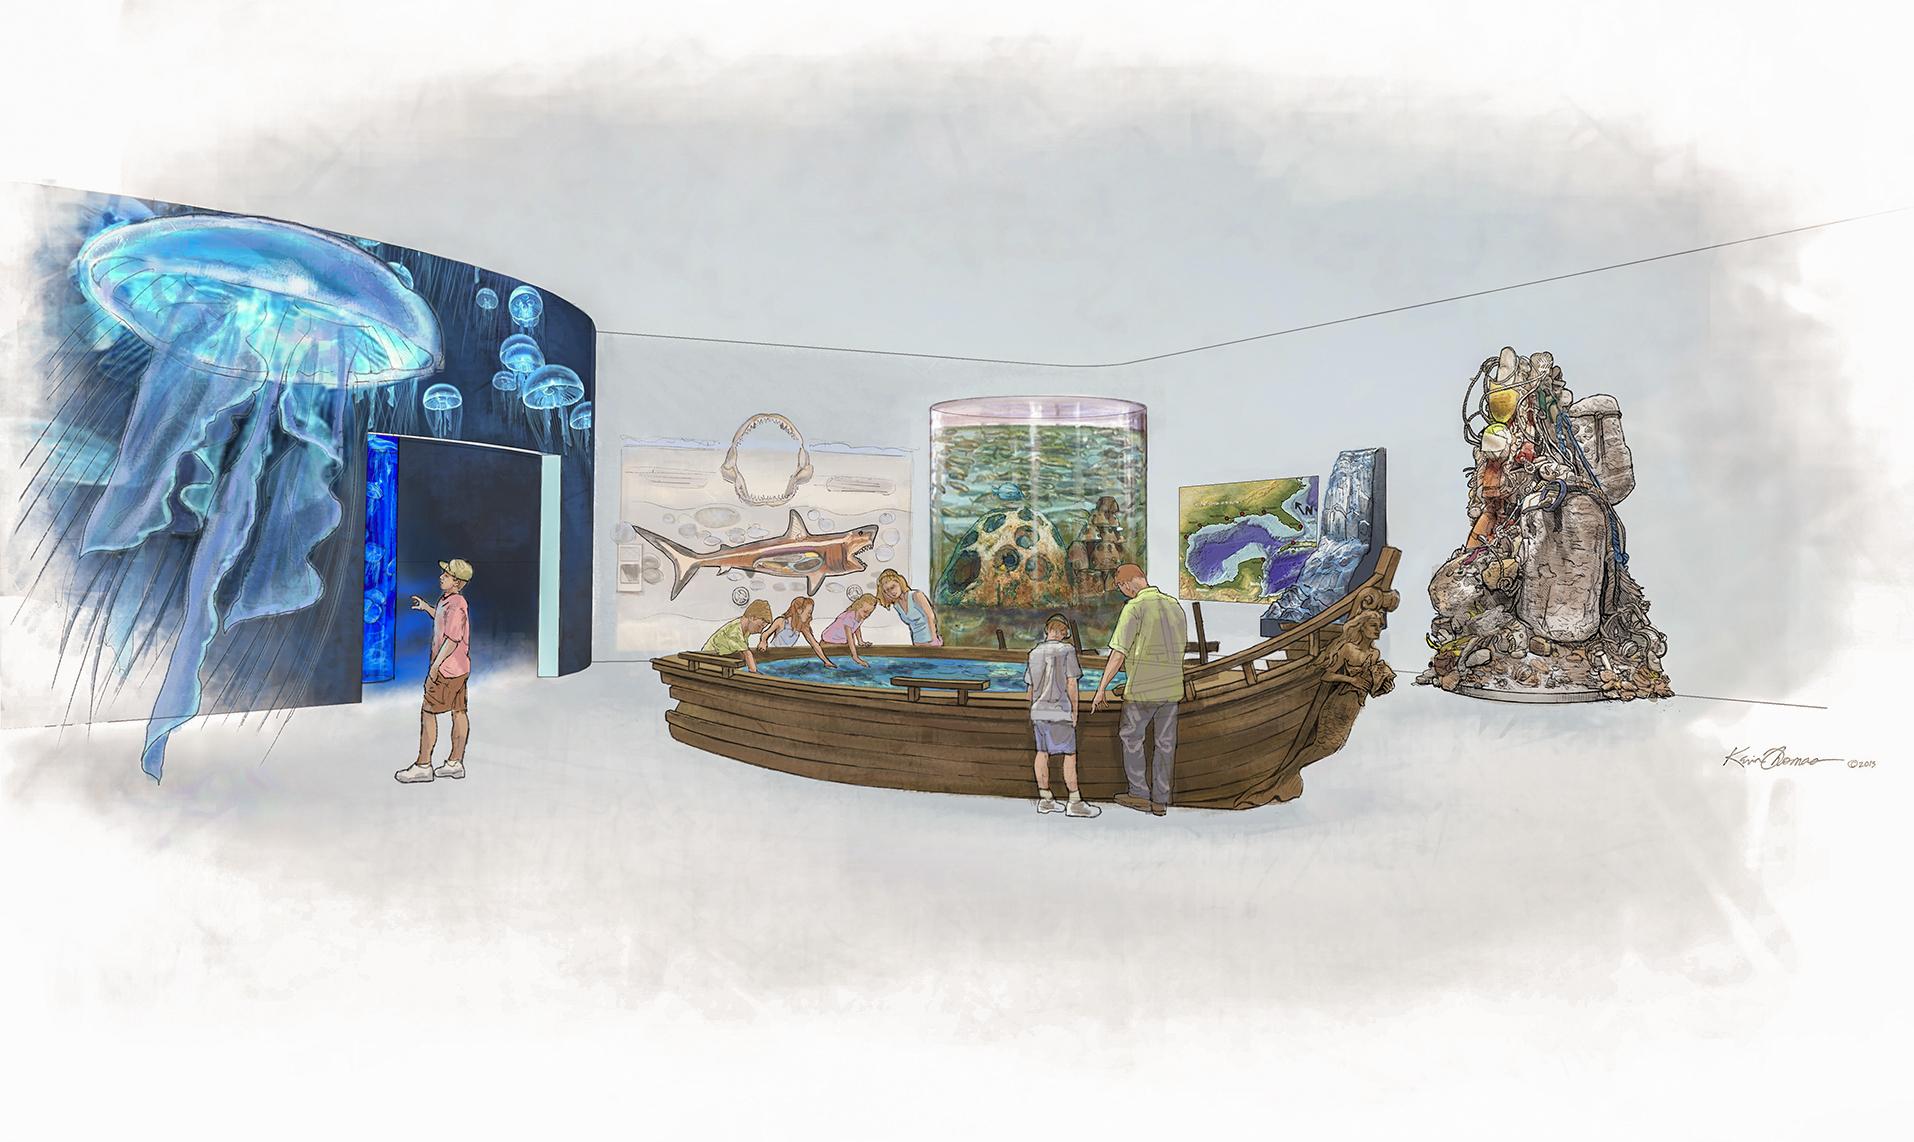 Concept illustration • Marine Science Center at Ponce Inlet, FL. © KT